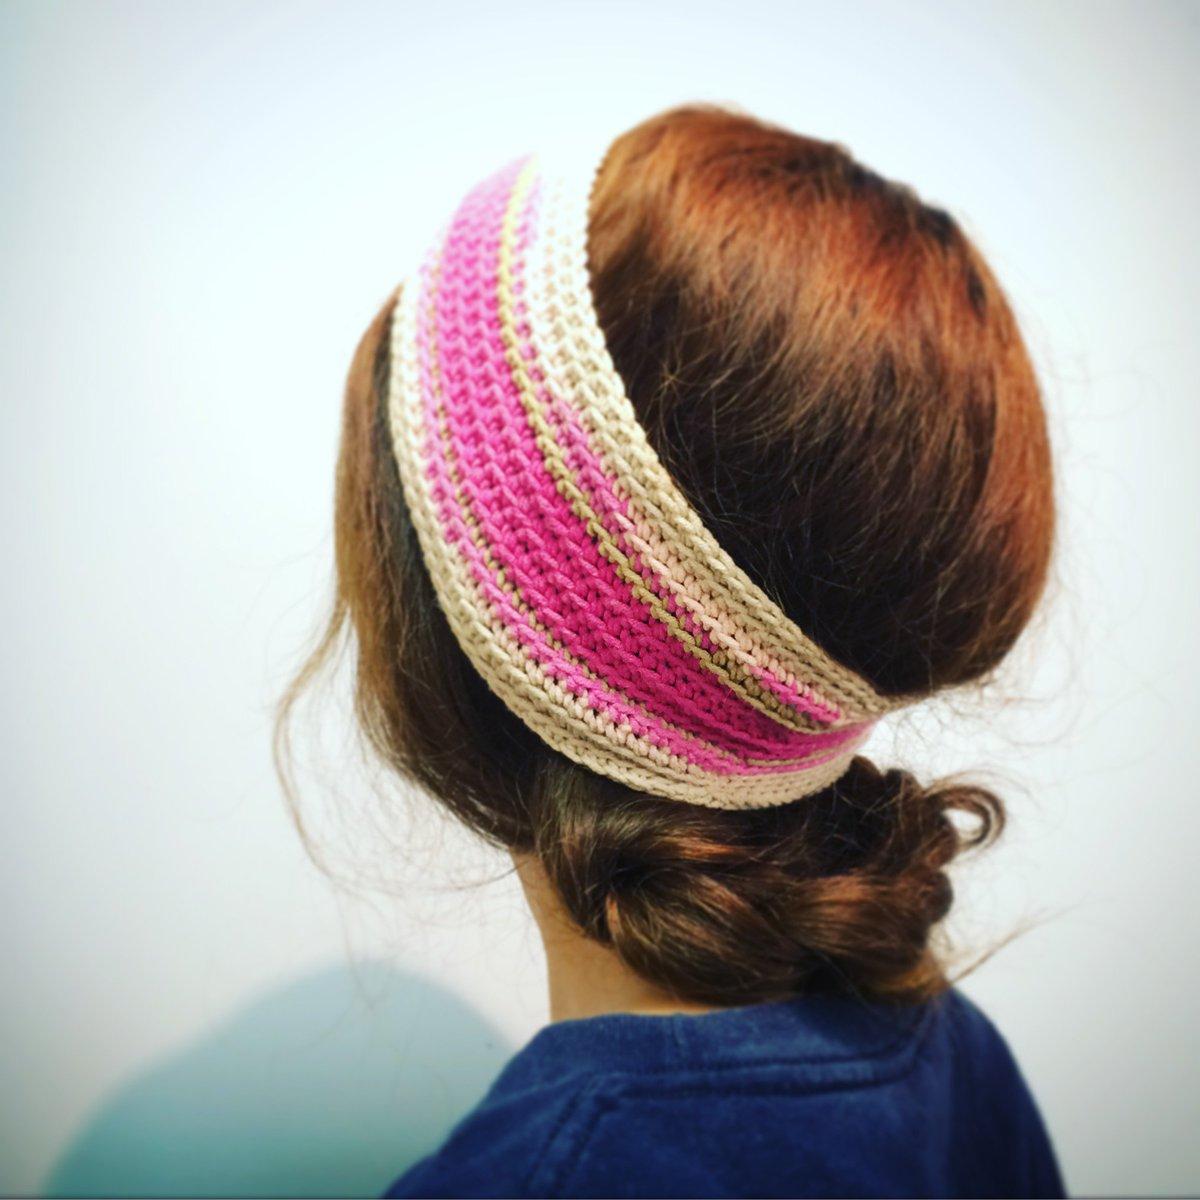 夏でも編み物しよう♡編み物でできる夏小物3選♪